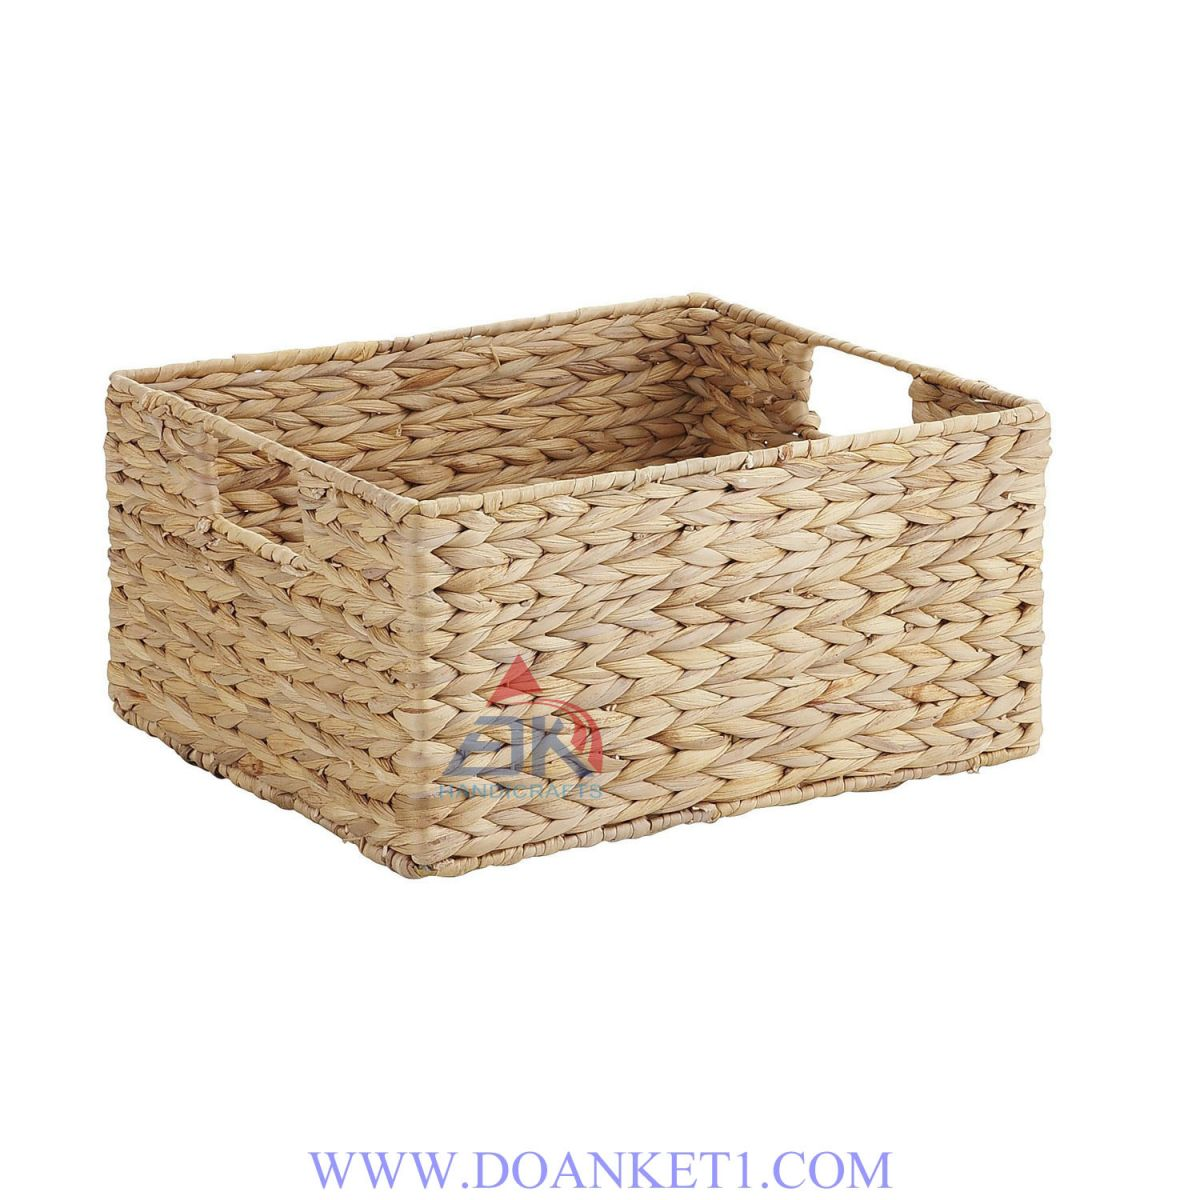 Water Hyacinth Storage Basket # DK275